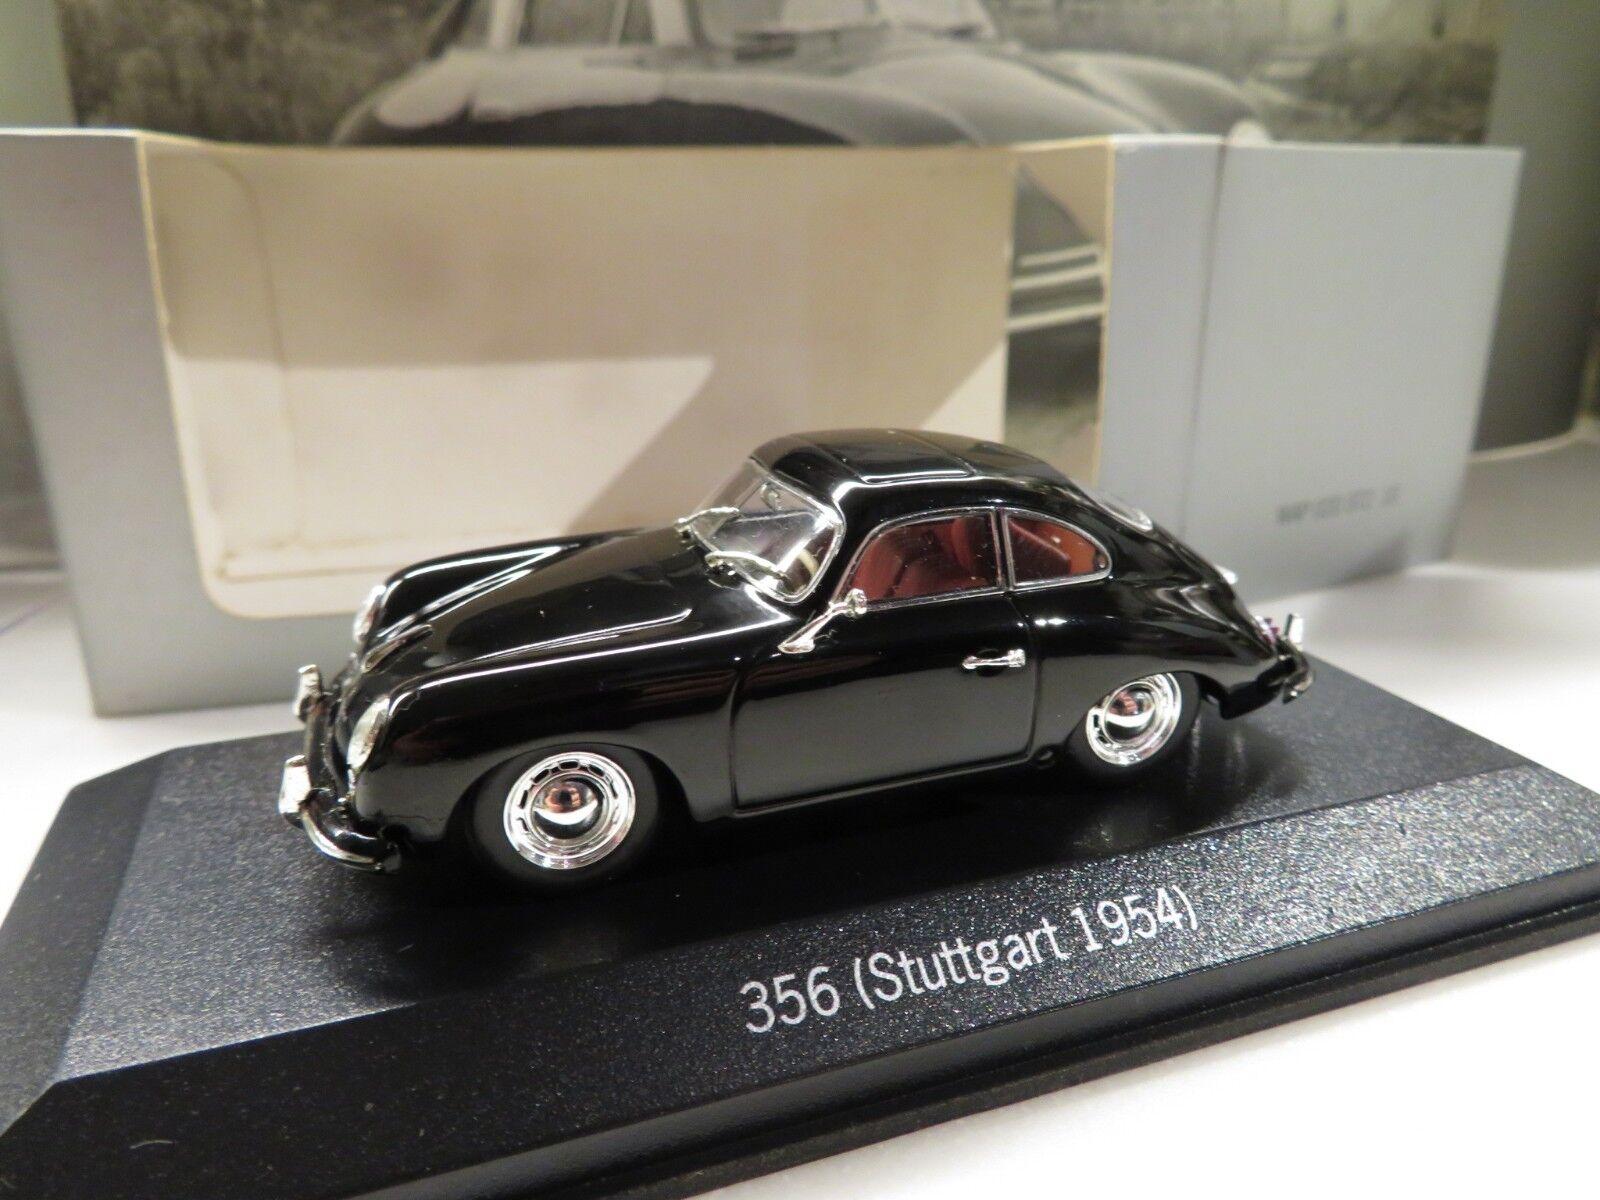 1 43 Minichamps Porsche 356 History Collection Porsche 356 Stuttgart (1954)